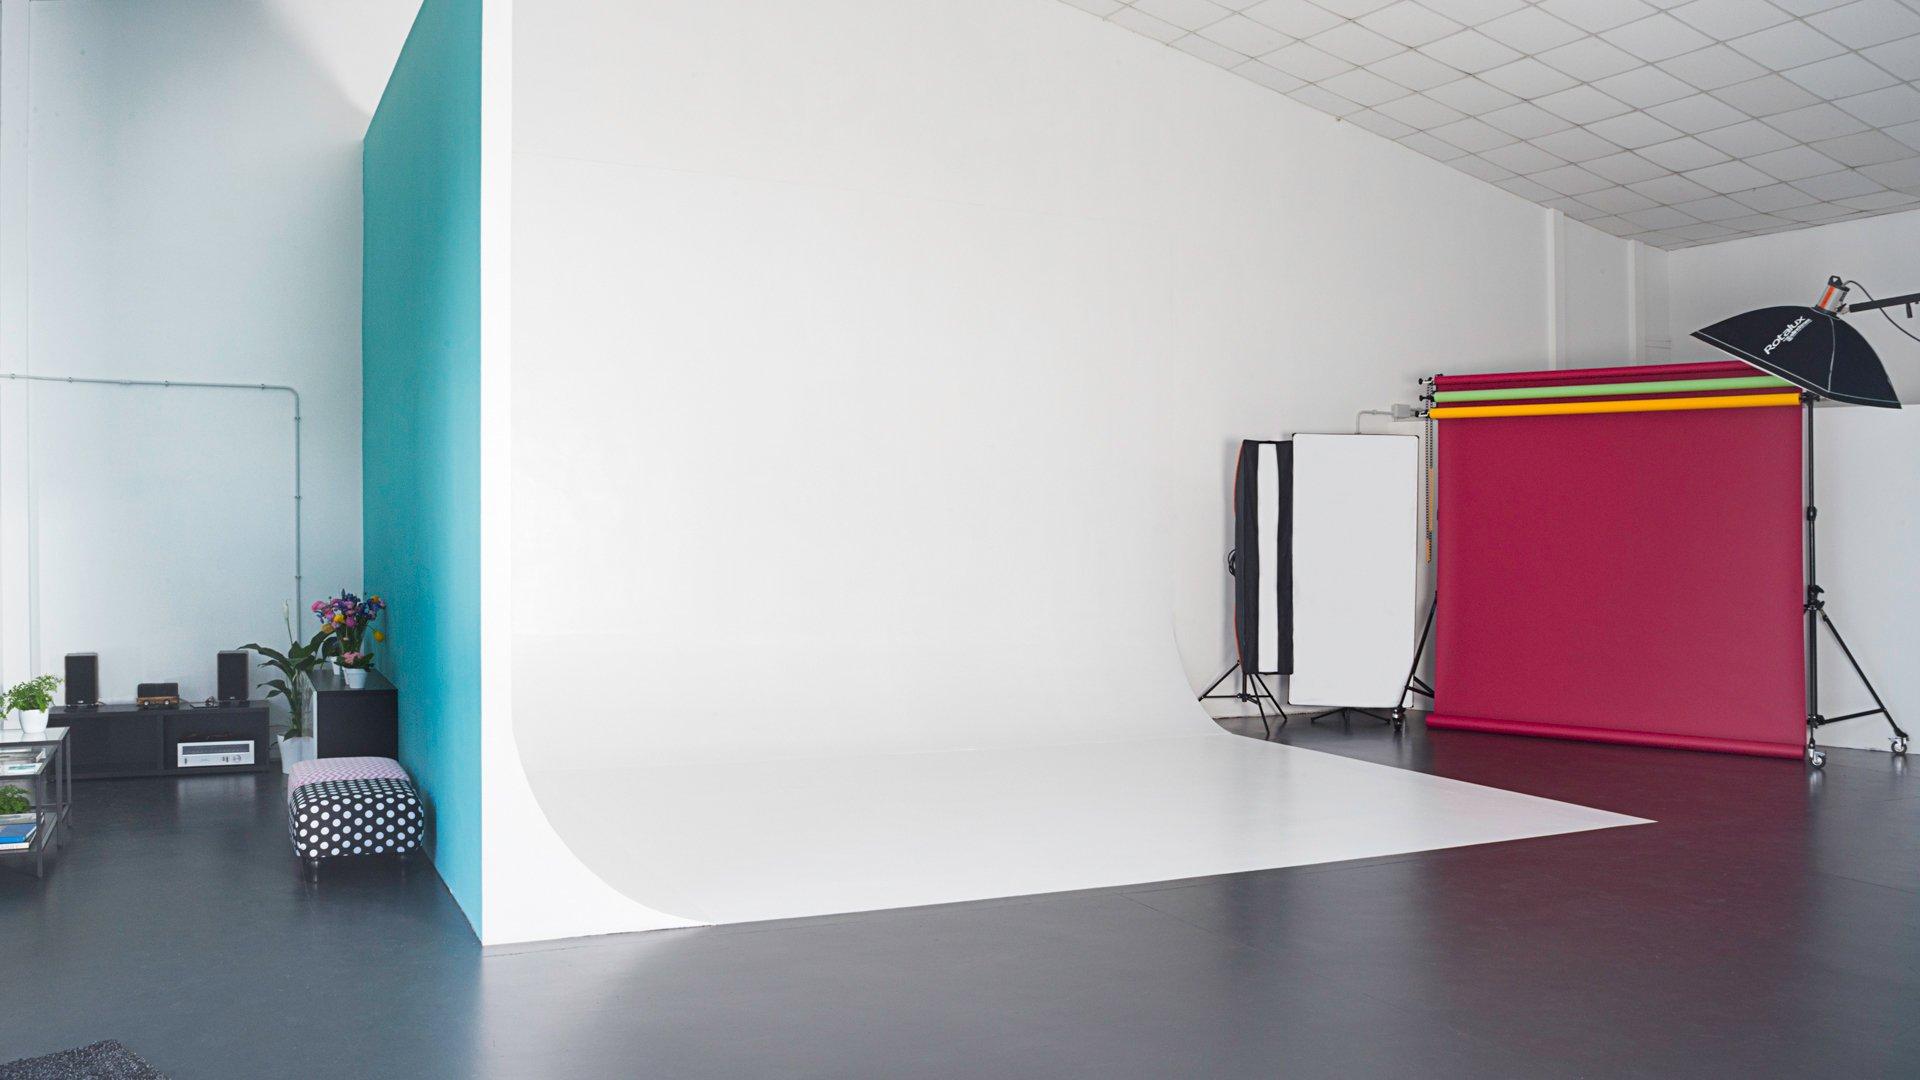 Sala Posa - Limbo